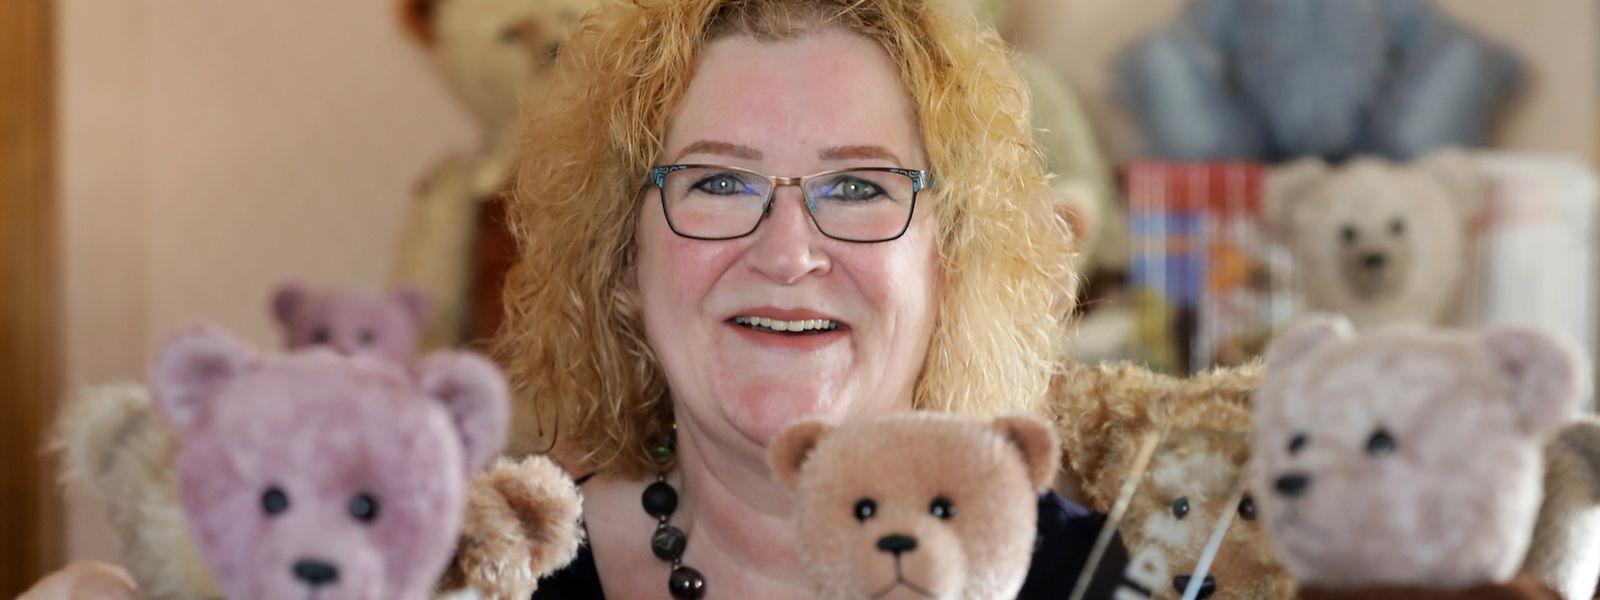 Marie-Paule Klauner-Wenner hat eine Vorliebe für Teddybären: Jedes ihrer 200 Exemplare hat sie auf der Hand genäht.